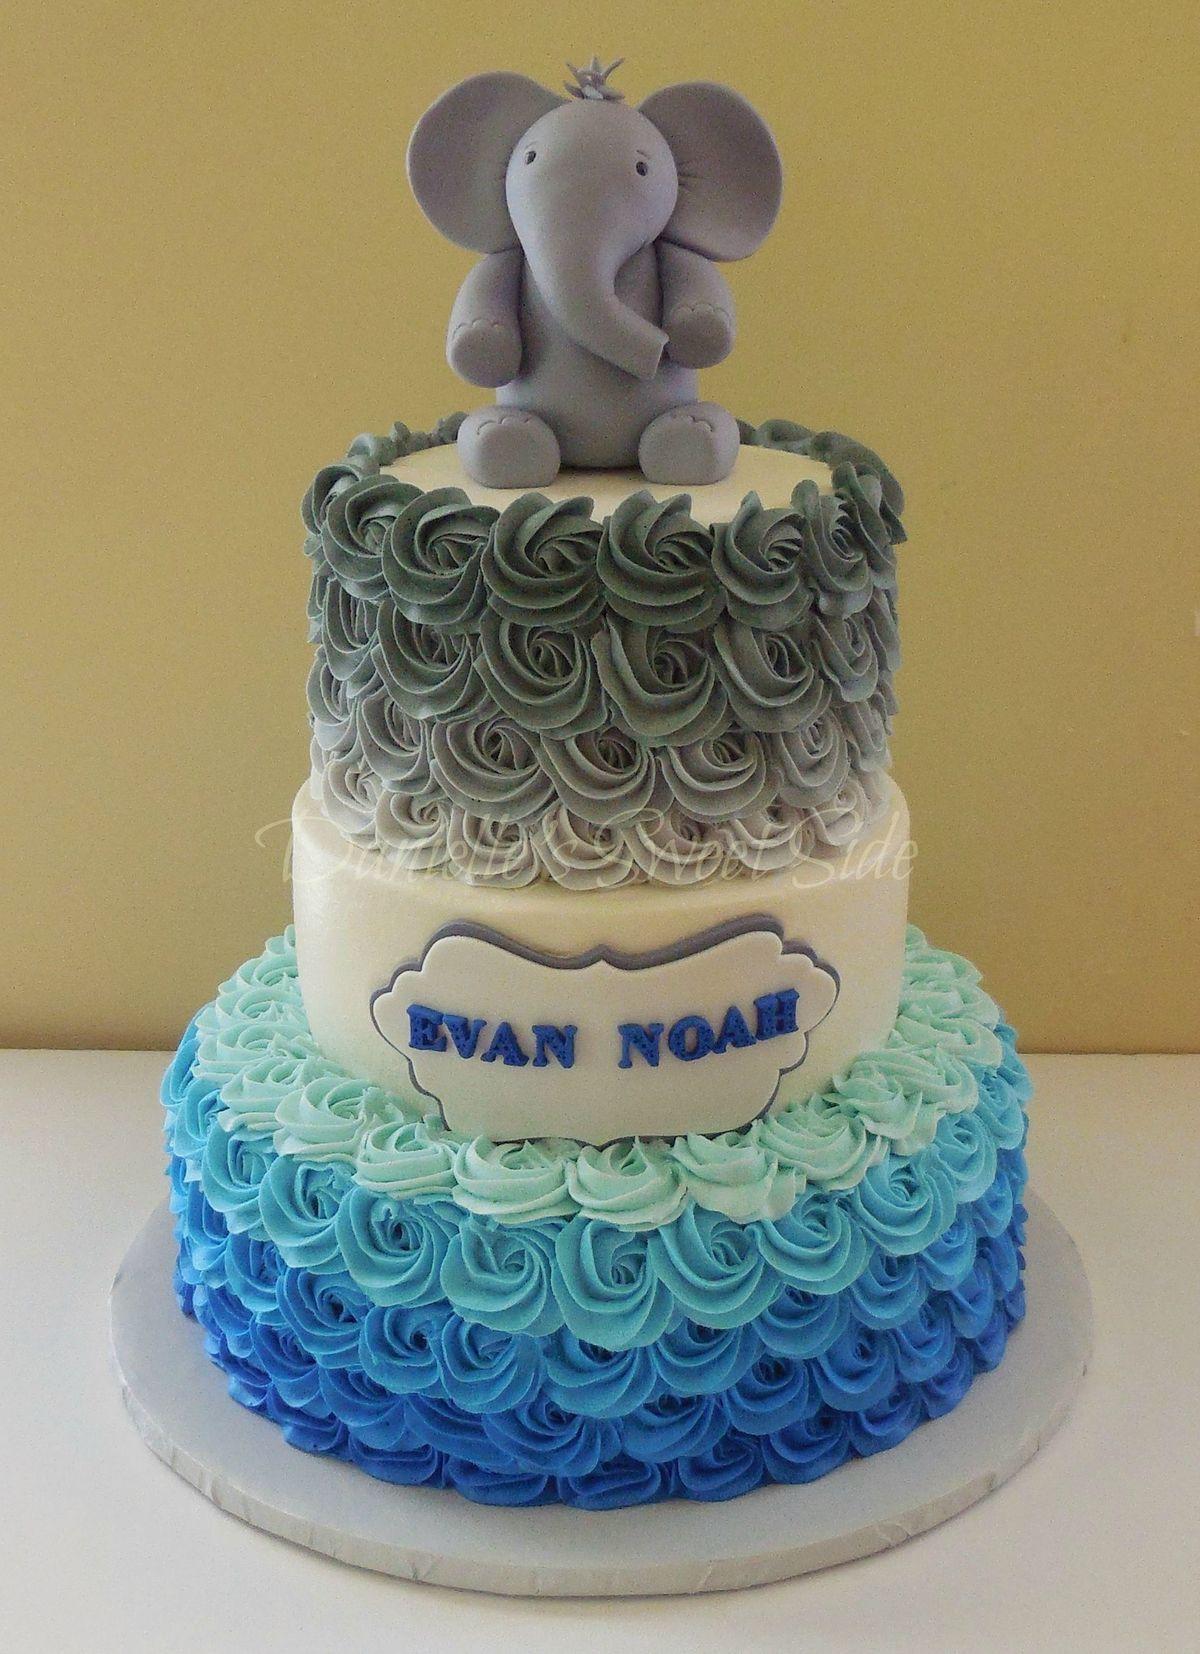 F16811baf09a6bdabcfa76d241375a03 Jpg 1 200 1 654 Pixels Elephant Baby Shower Cake Baby Shower Cakes For Boys Baby Elephant Cake